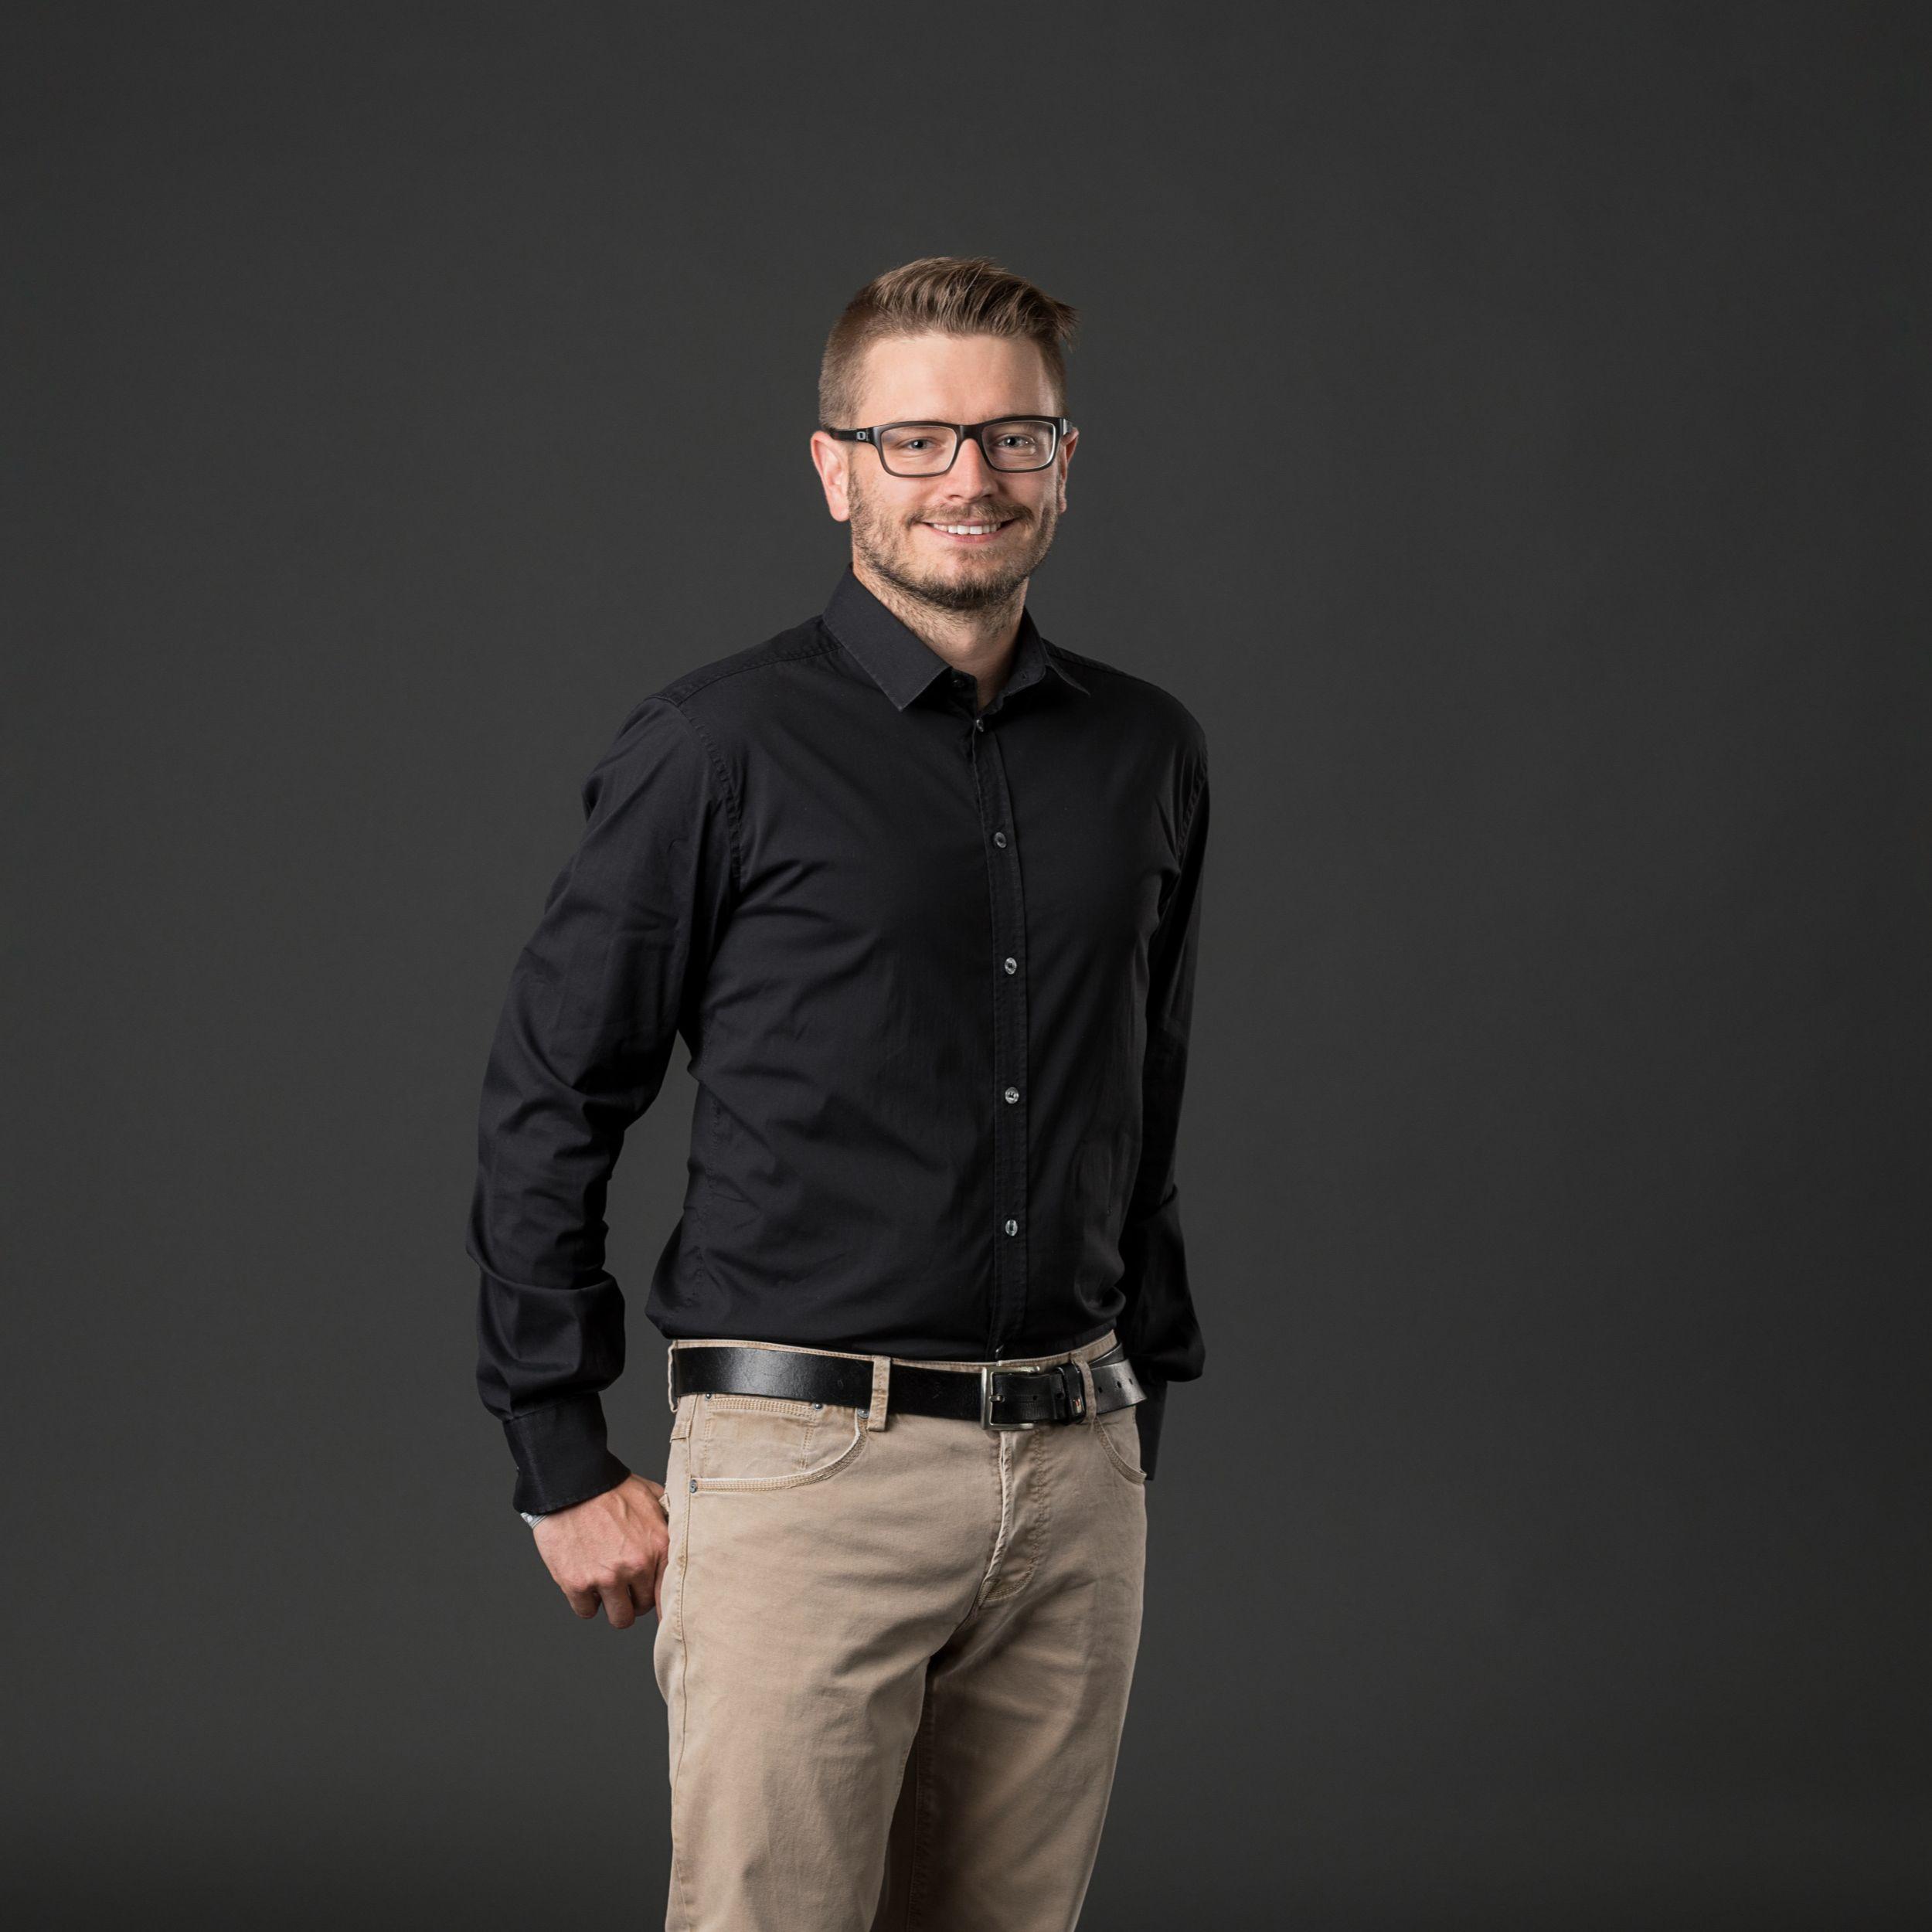 Peter Kammerer